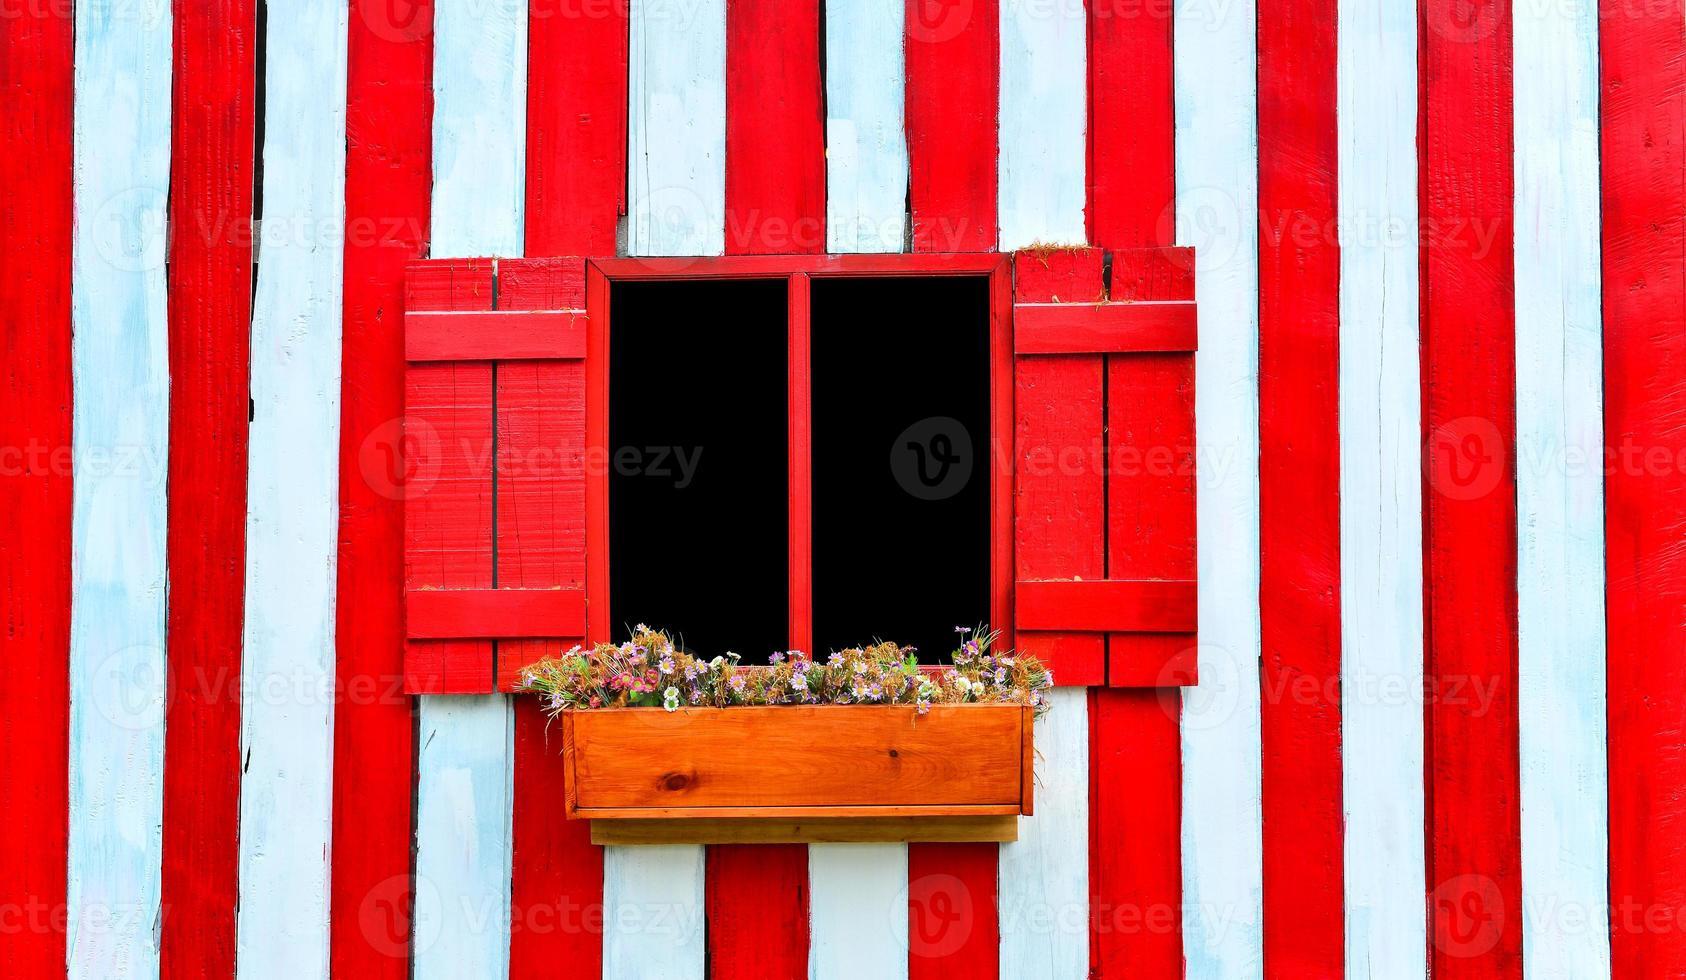 fenêtre rouge sur le mur en bois rouge et blanc photo